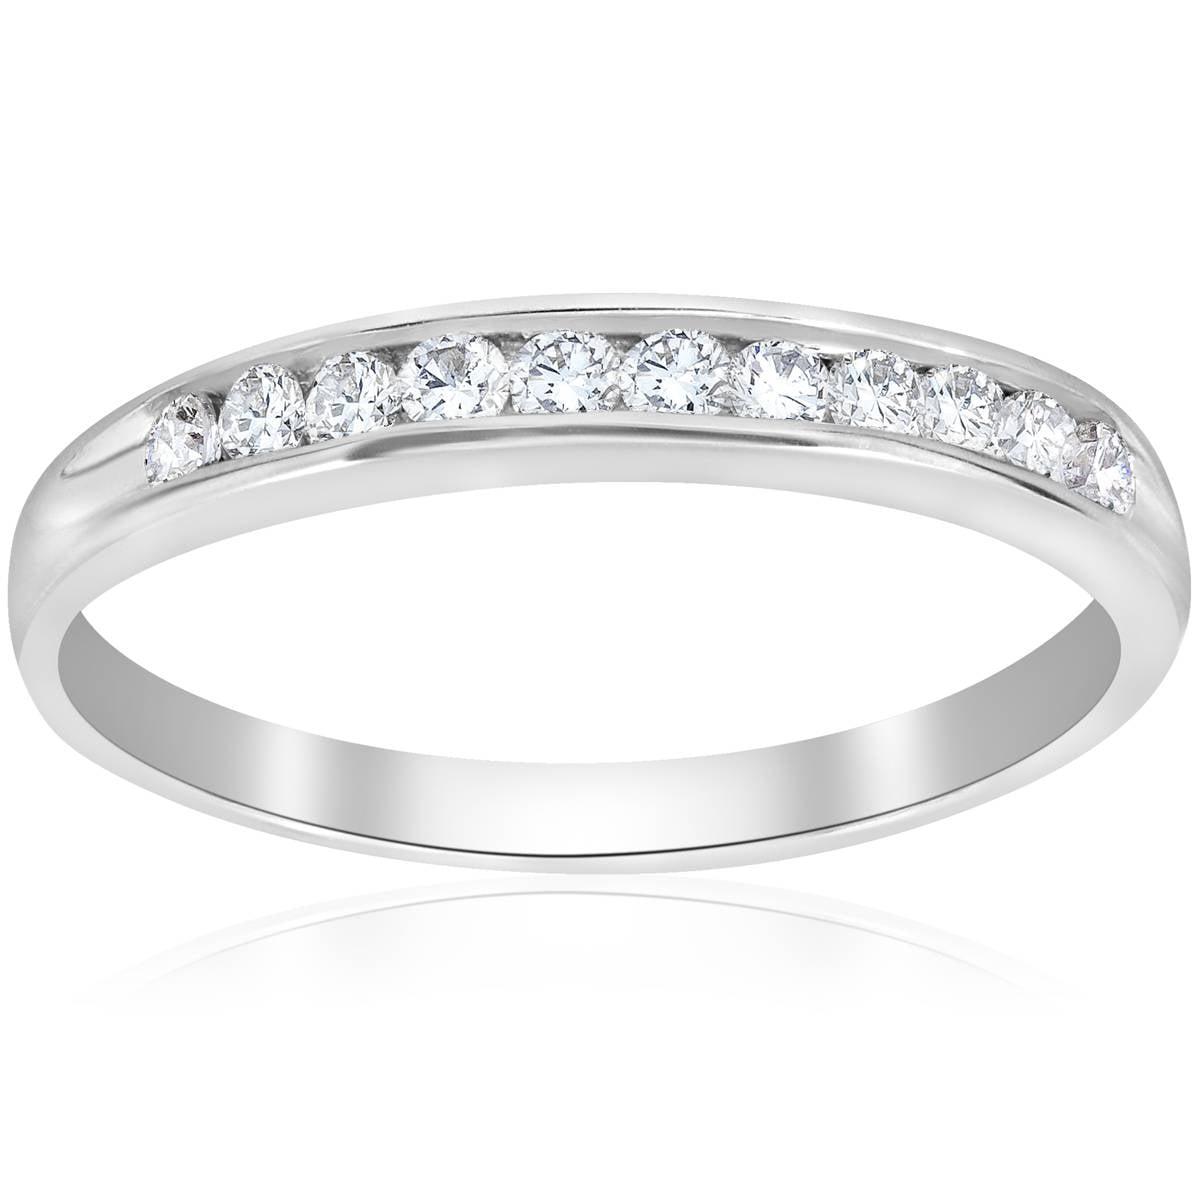 f9b0c234c49 Engagement Anniversary Ring 14K White Gold Round Cut 0.25 Ct New Diamond  Jewelry